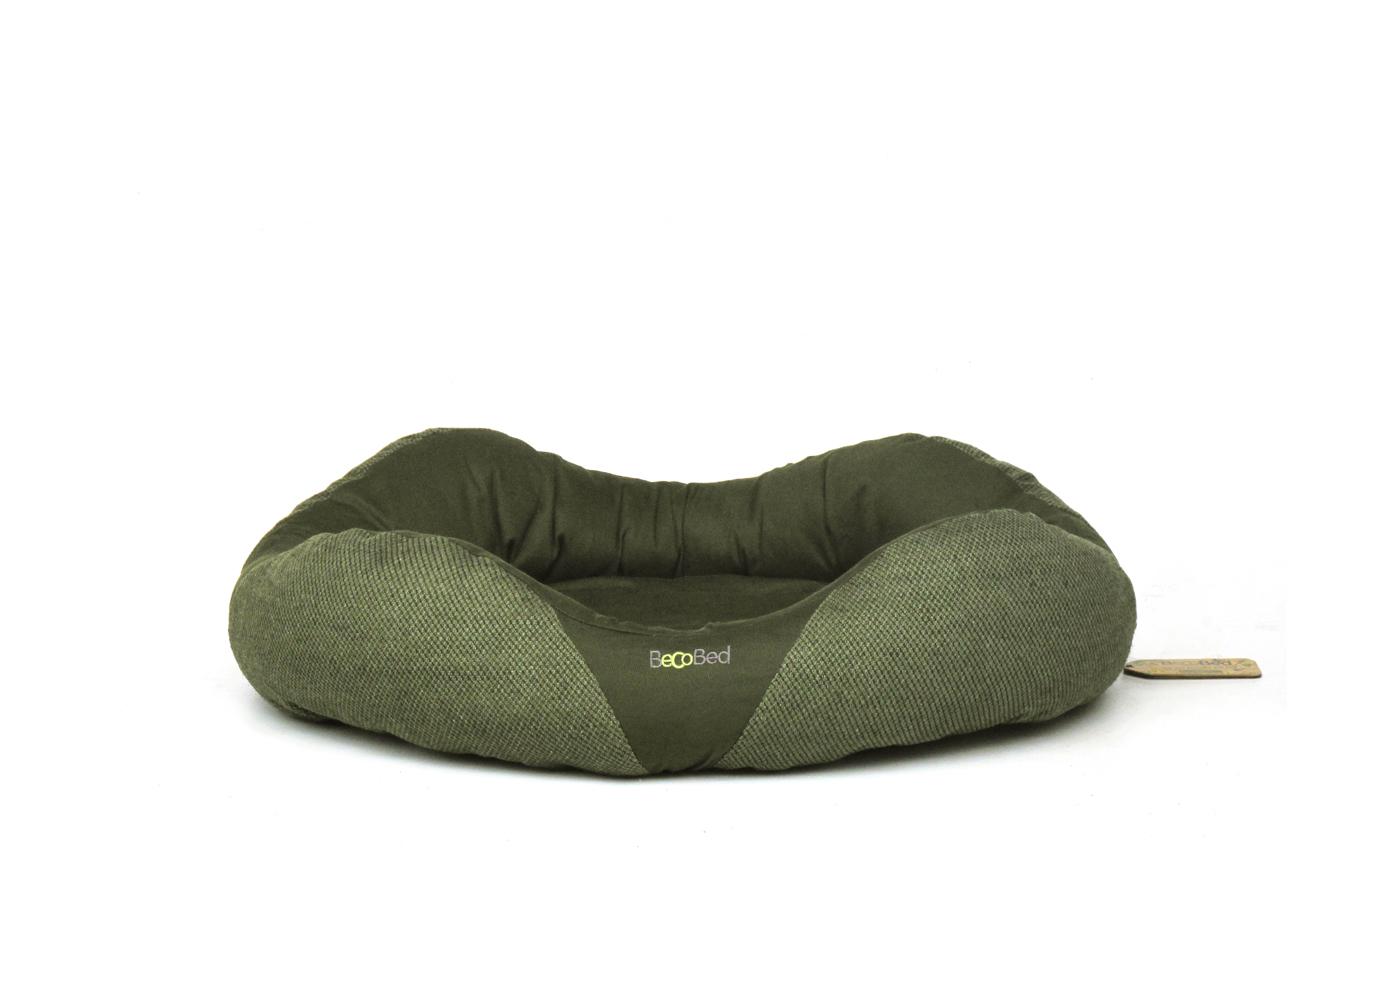 Pelech pre psa, Beco Bed Donut XS 46cm - Zelená